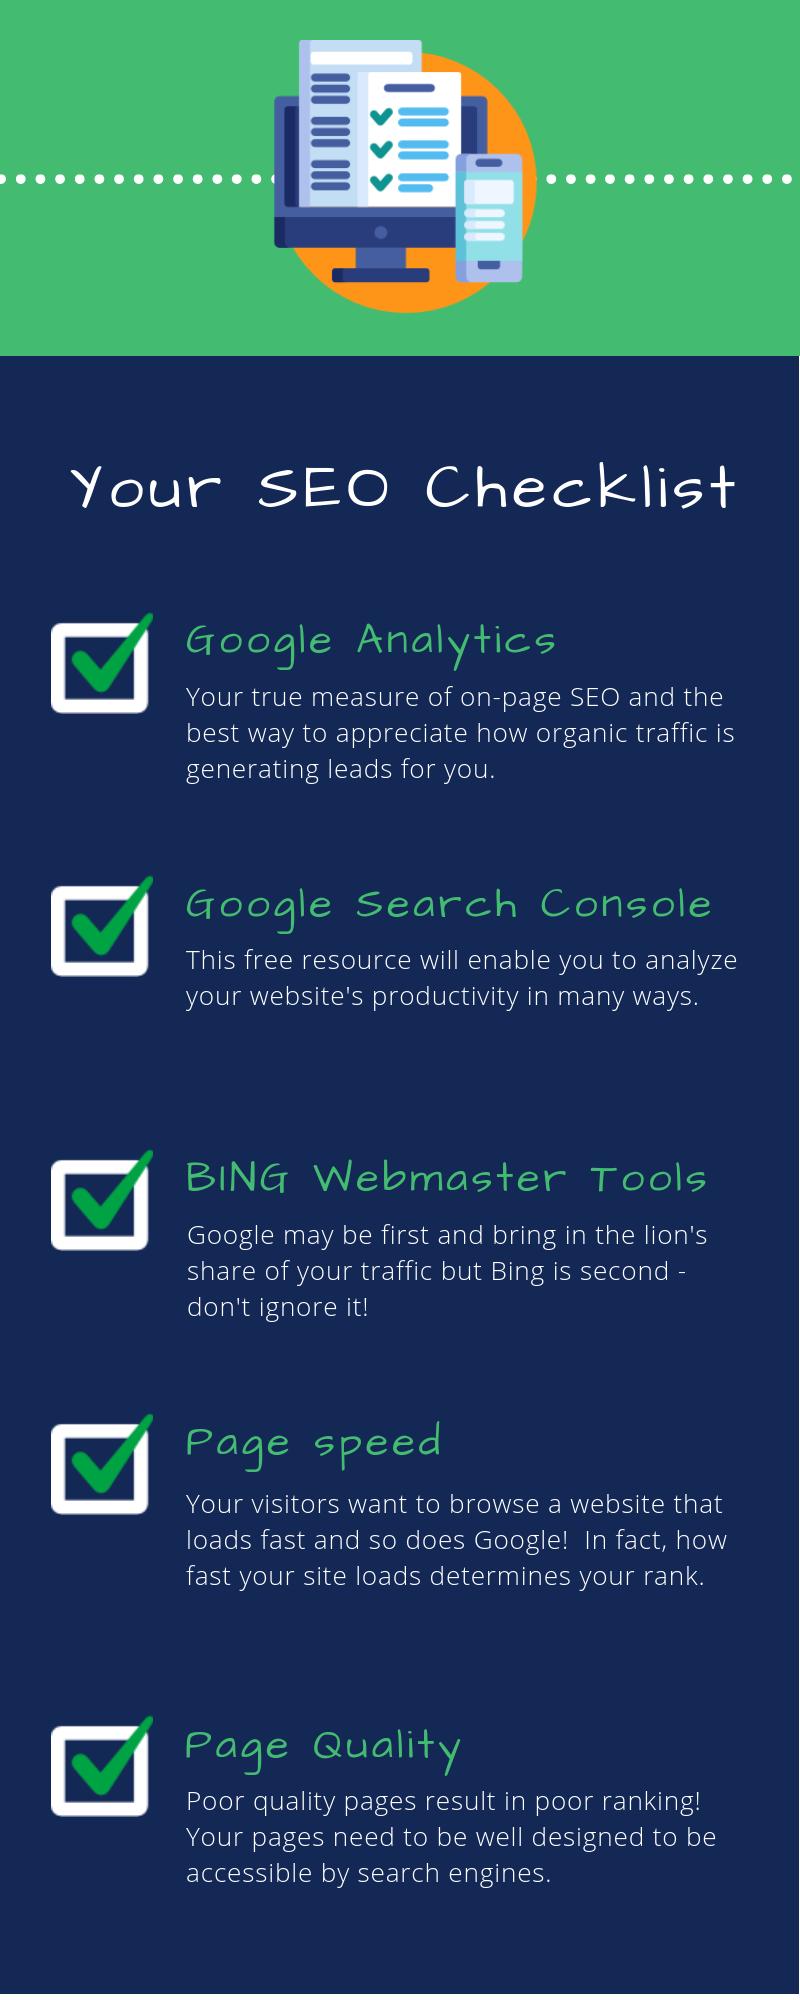 Checklist for SEO optimization